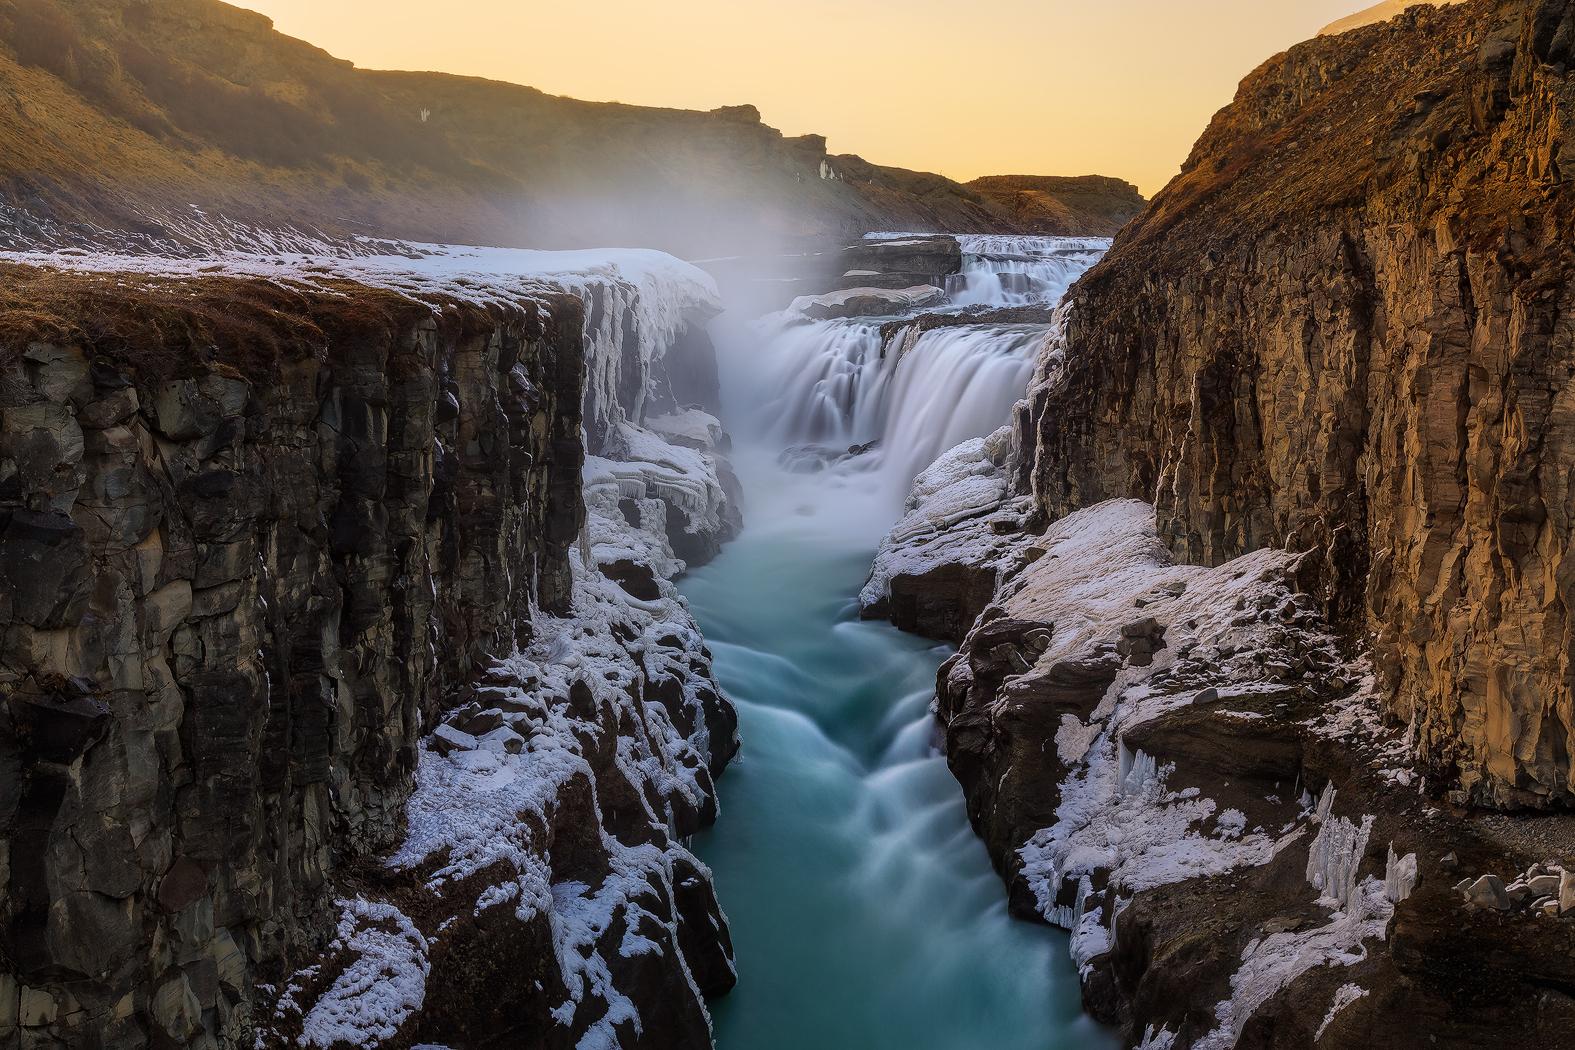 Gullfoss waterfall is a beautiful sight, year-round